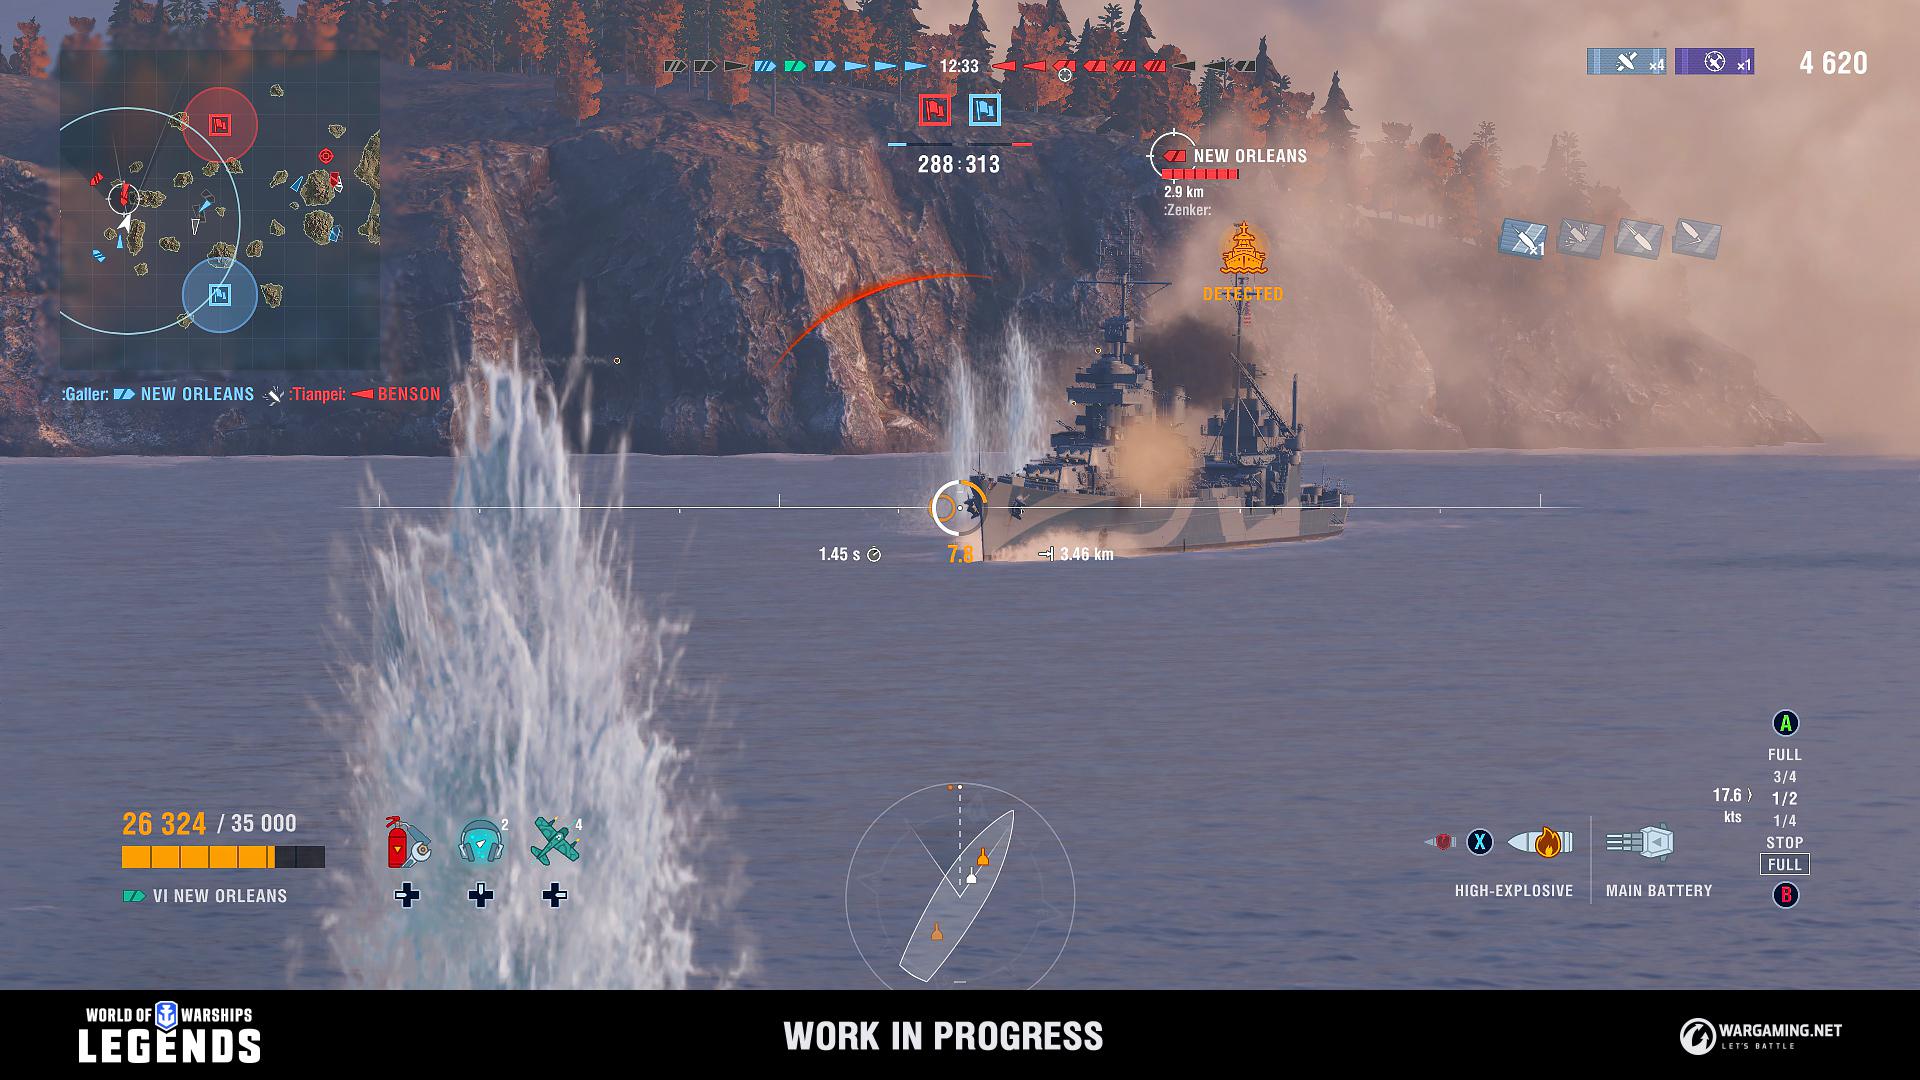 el-16-de-abril-world-of-warships-legends-ofrece-acceso-temprano-en-consolas-frikigamers.com.jpg